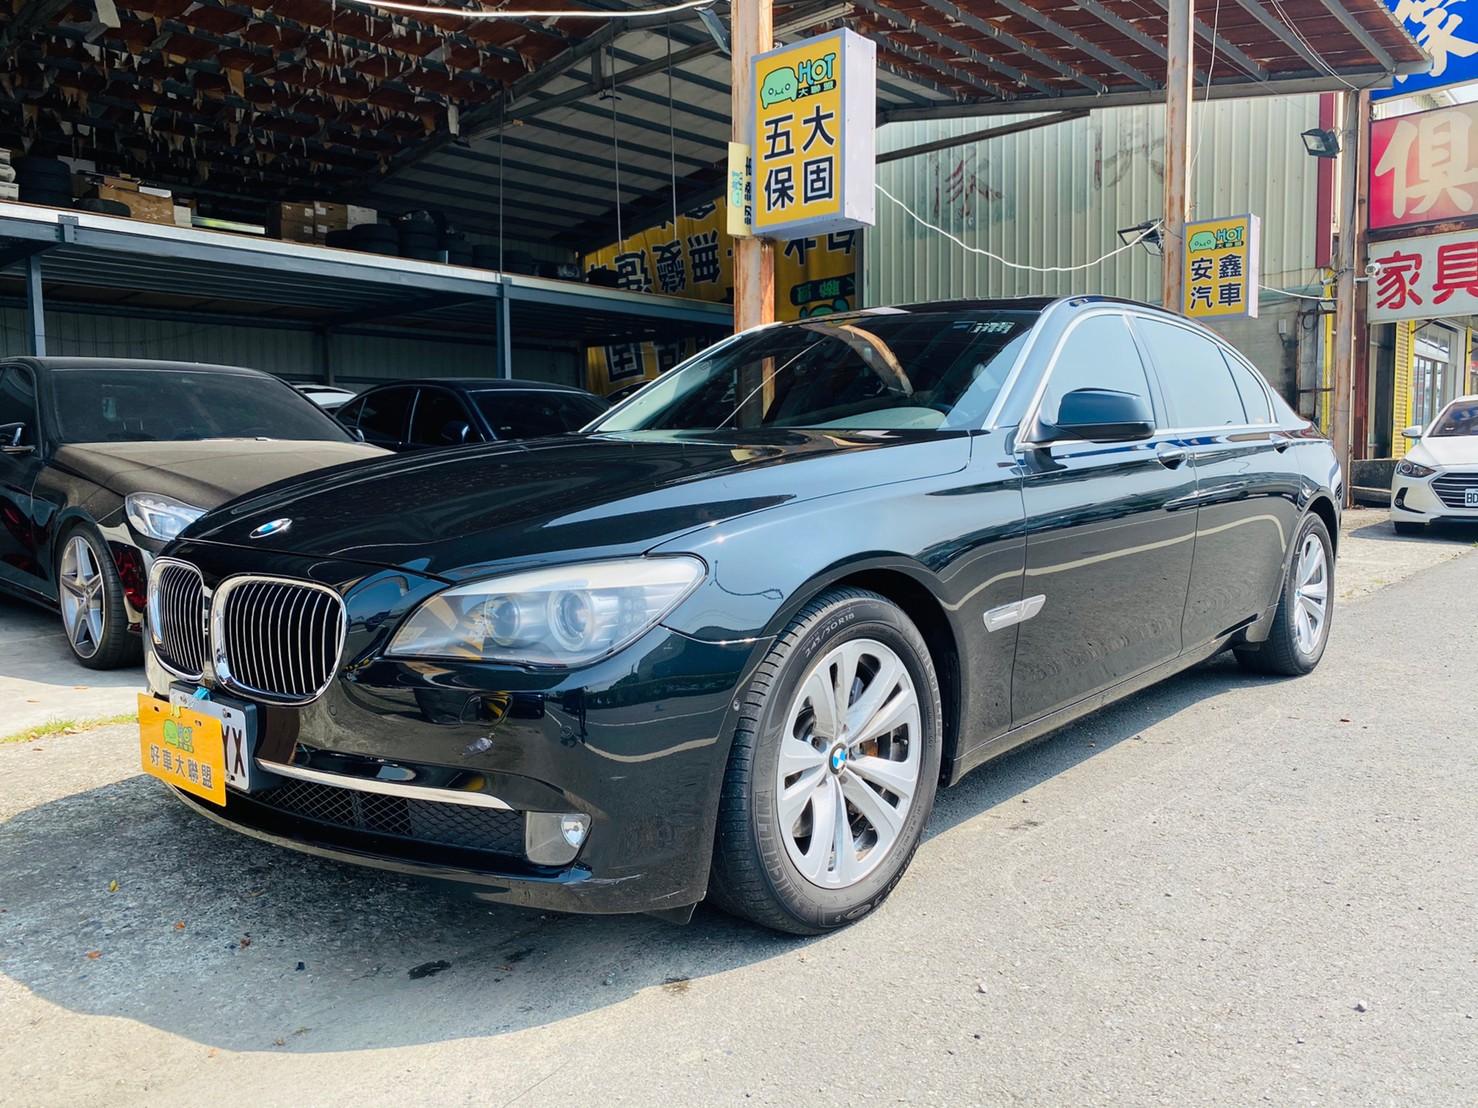 2010 BMW 寶馬 7-series